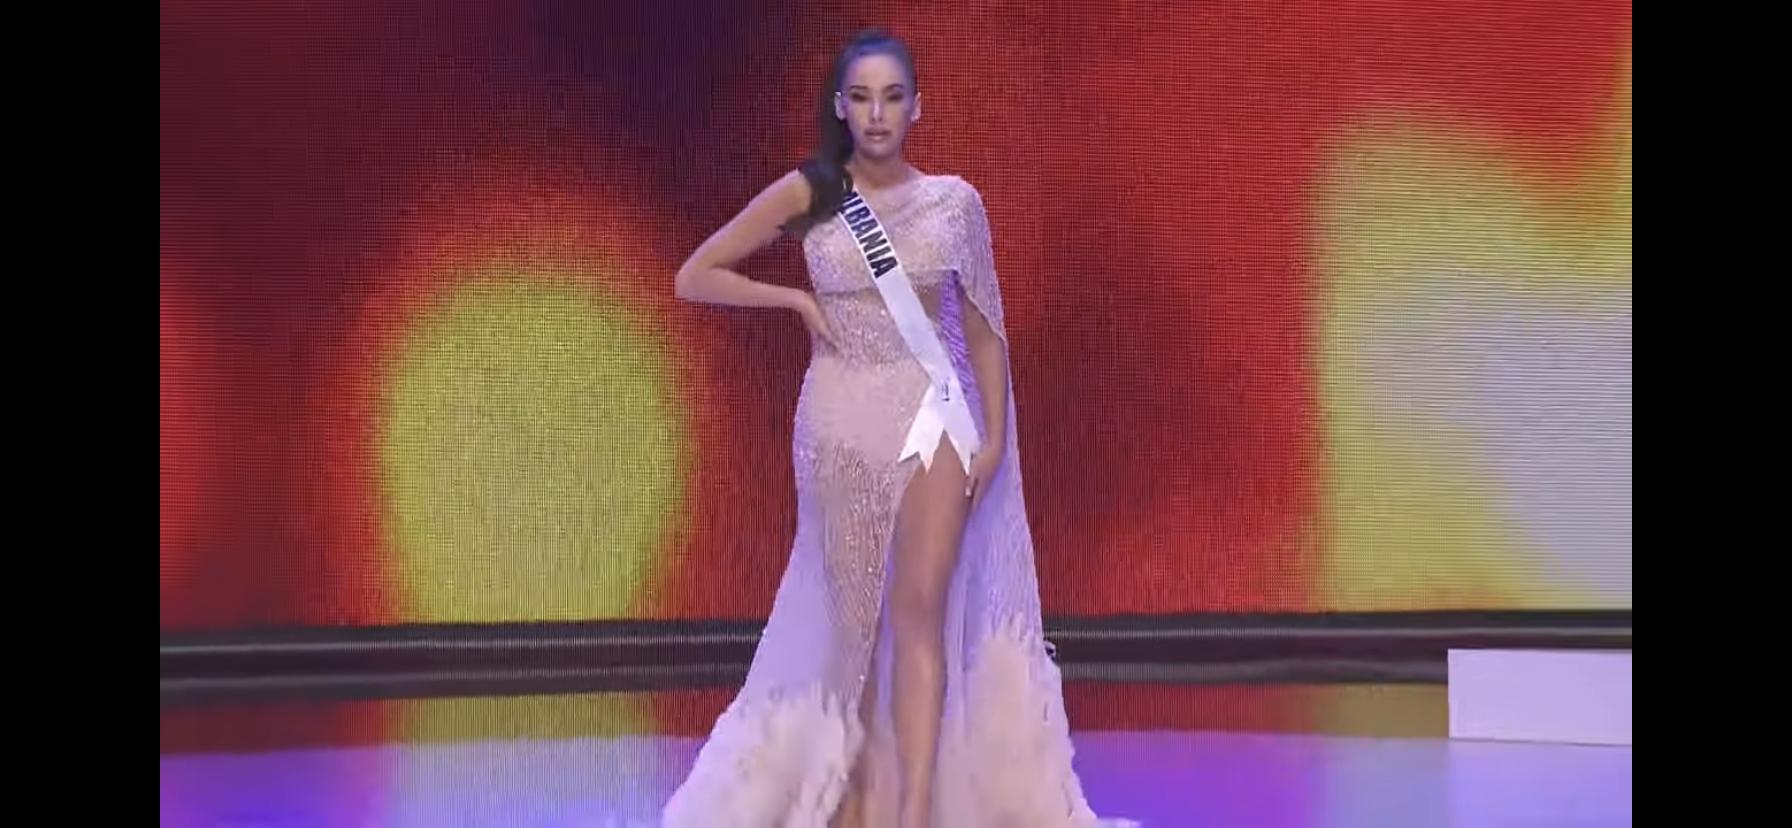 Loạt mỹ nhân Miss Universe 2020 suýt gặp sự cố, để lộ nhược điểm hình thể trong đêm bán kết - Ảnh 15.